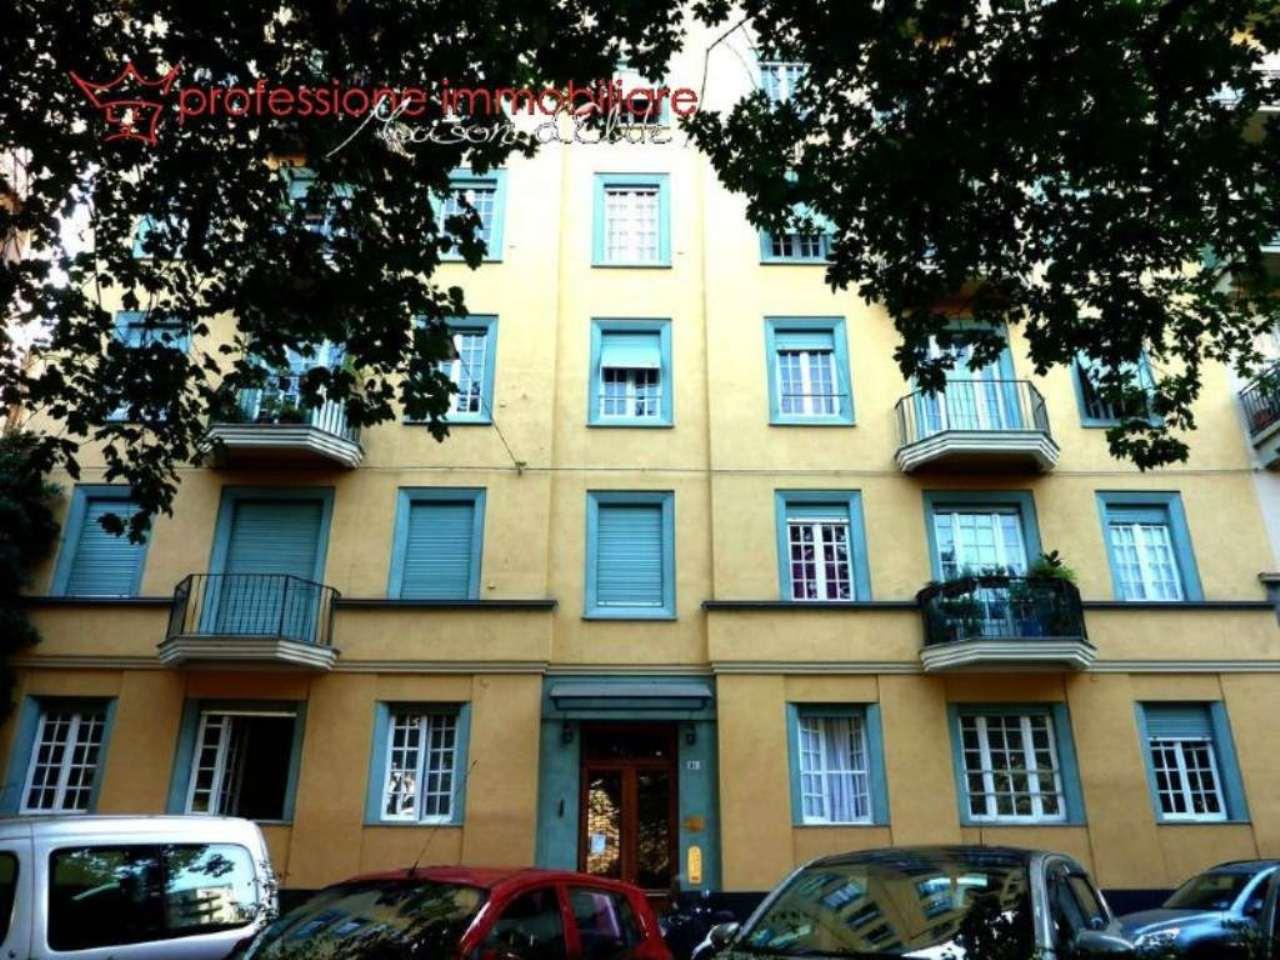 Laboratorio in vendita a Torino, 2 locali, zona Zona: 9 . San Donato, Cit Turin, Campidoglio, , prezzo € 115.000 | CambioCasa.it